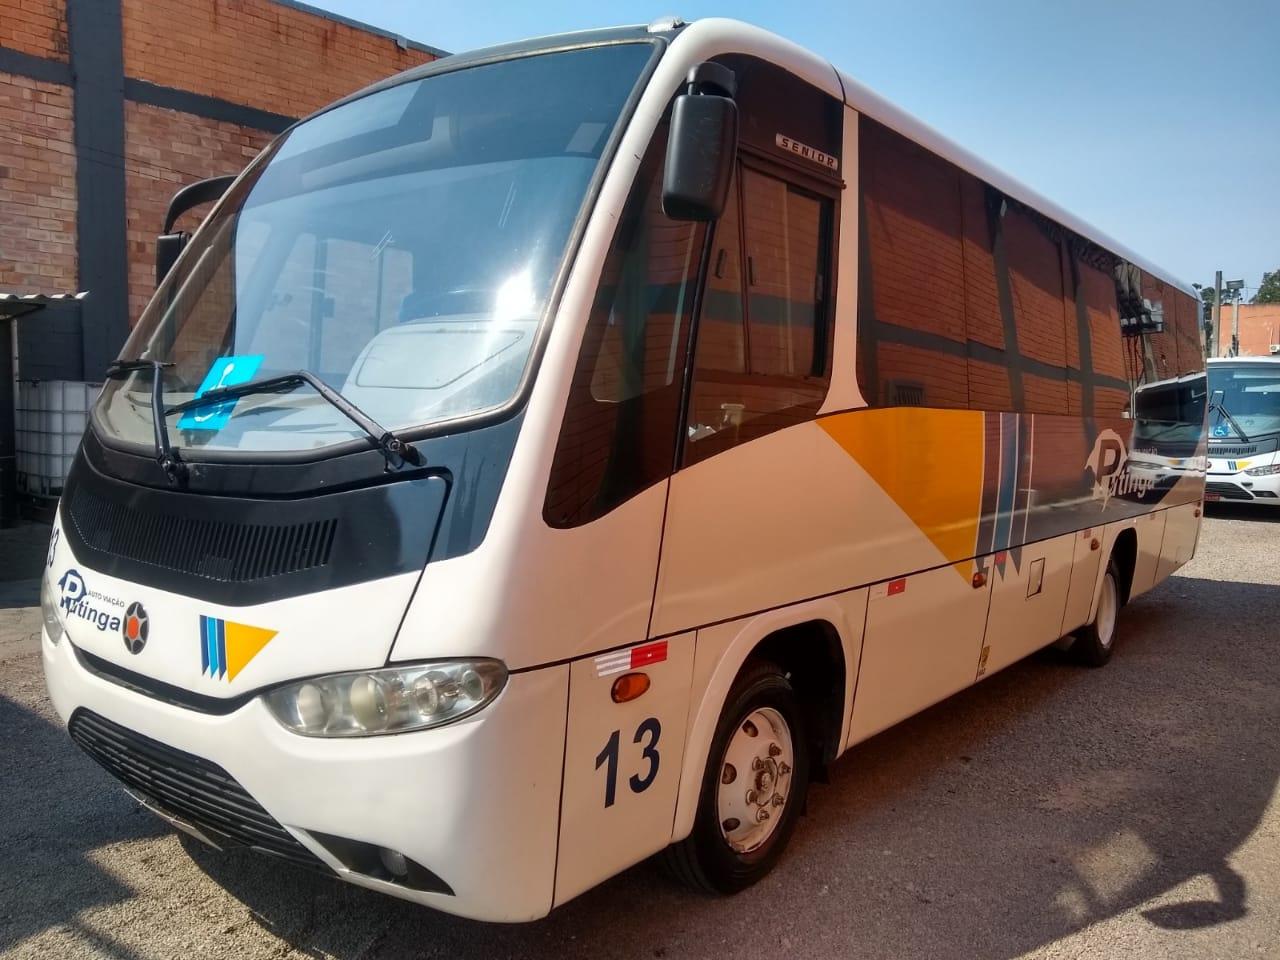 Seminovos Putinga - Ônibus 13